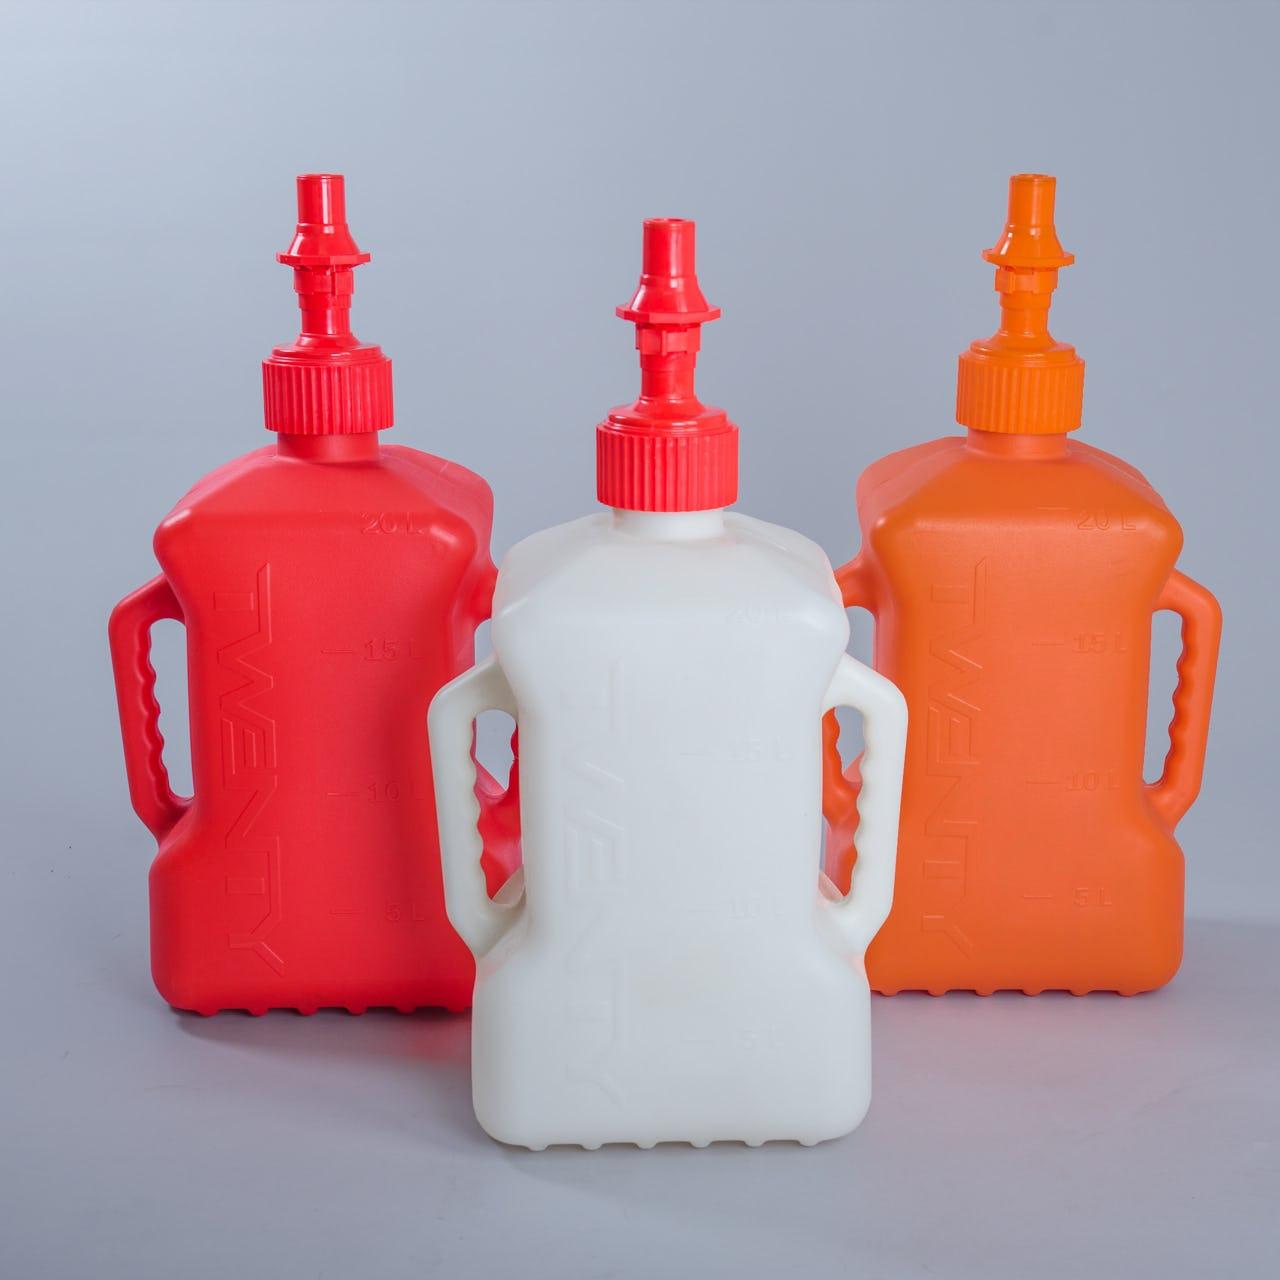 Schnelltankkanister Twenty Rapid Fuel Jug 20 Liter für 19,99€ + VSK (Optional auch 10l und 5l)